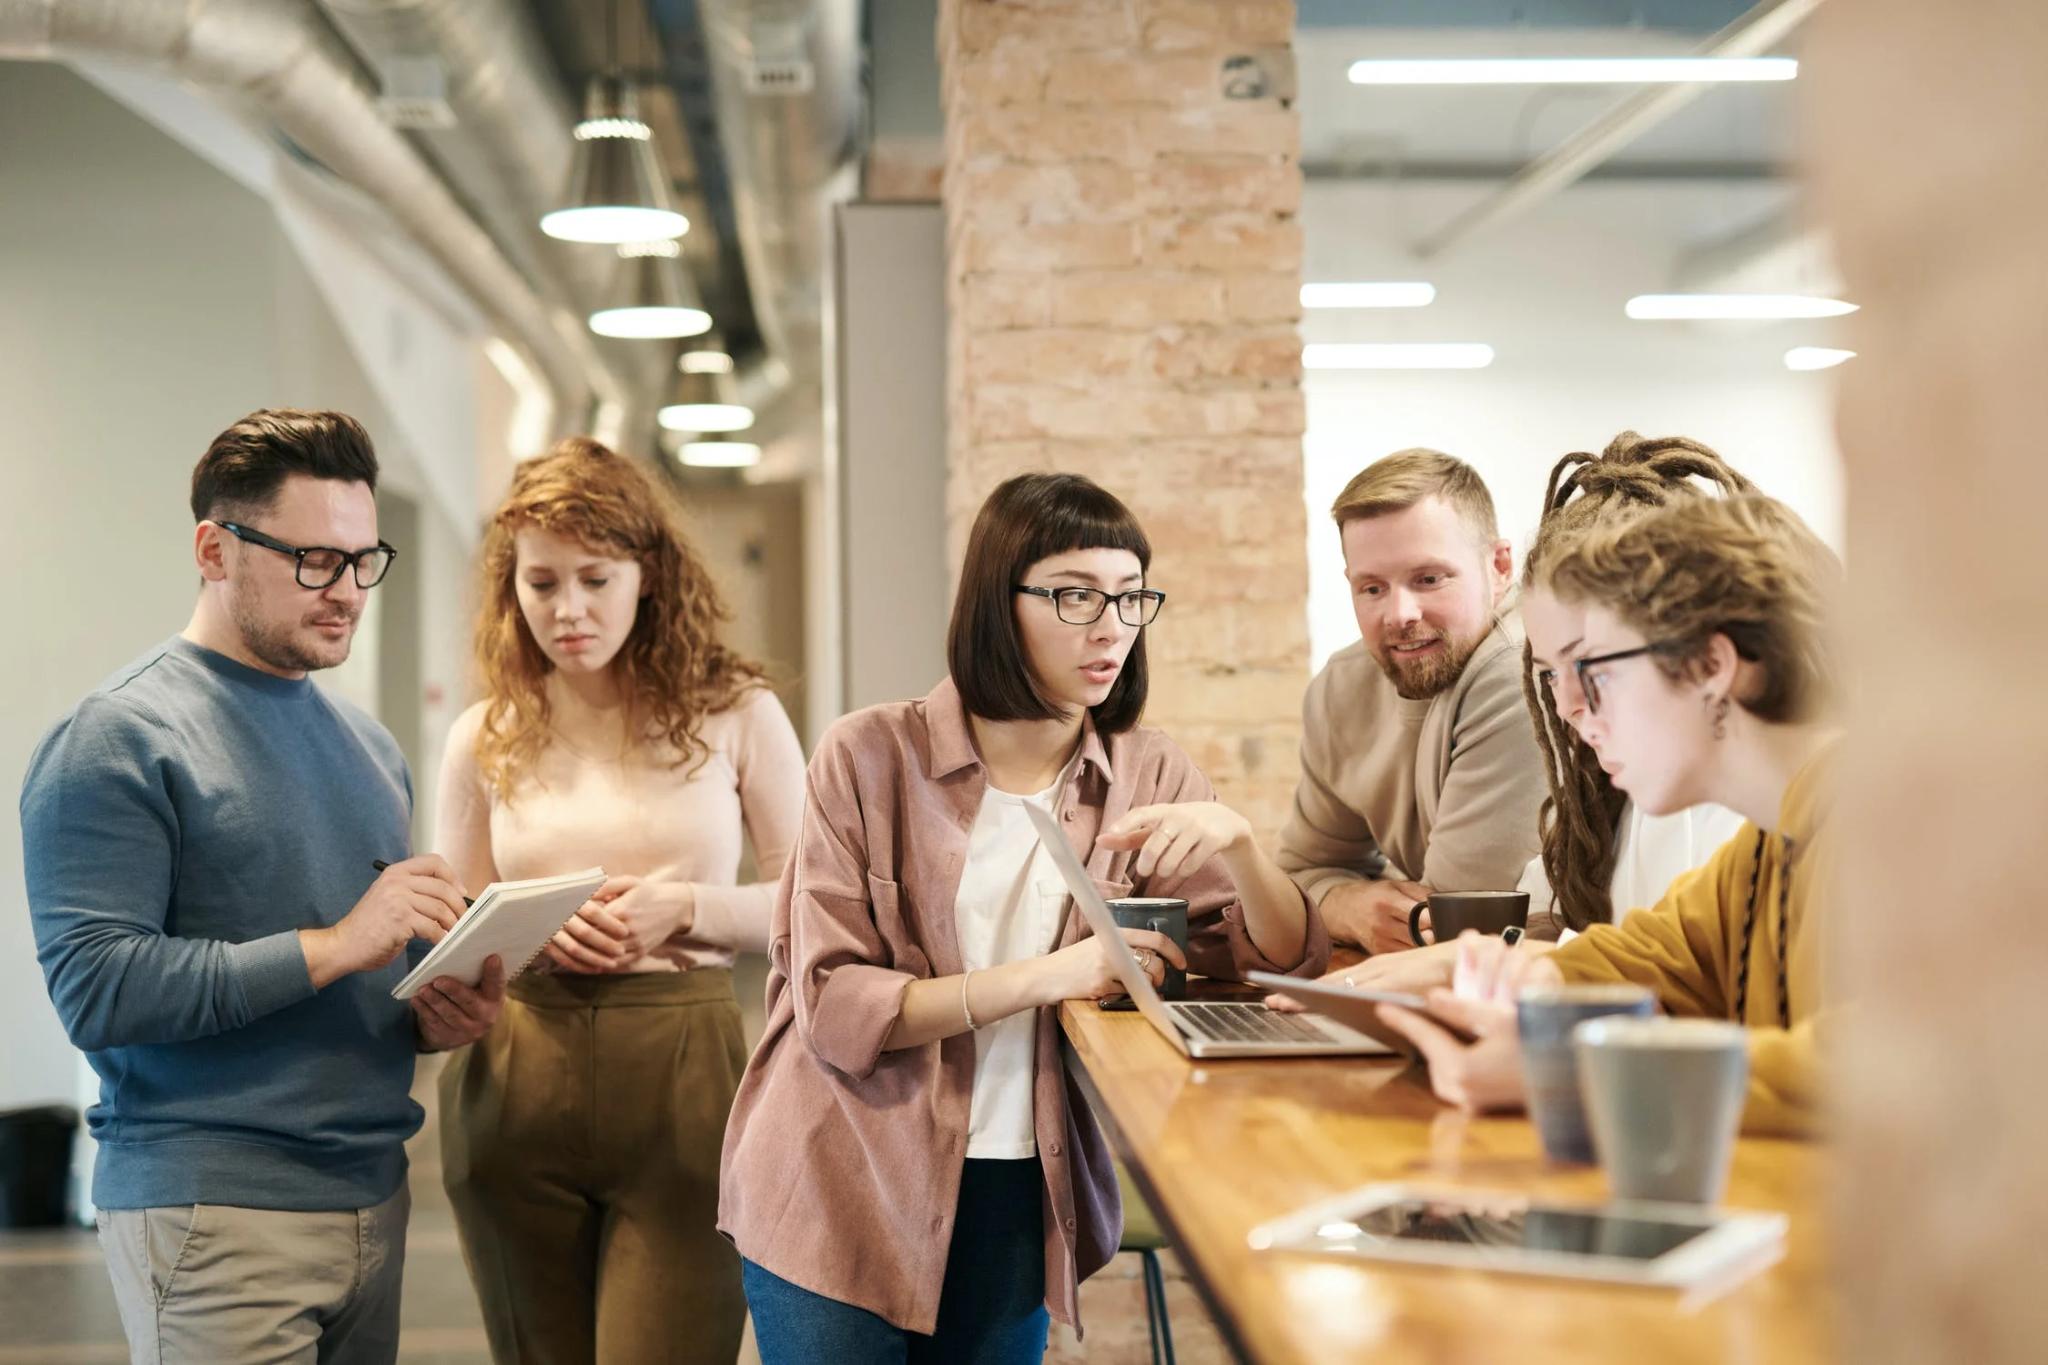 kolegovia diskutujú v spoločných priestoroch firmy